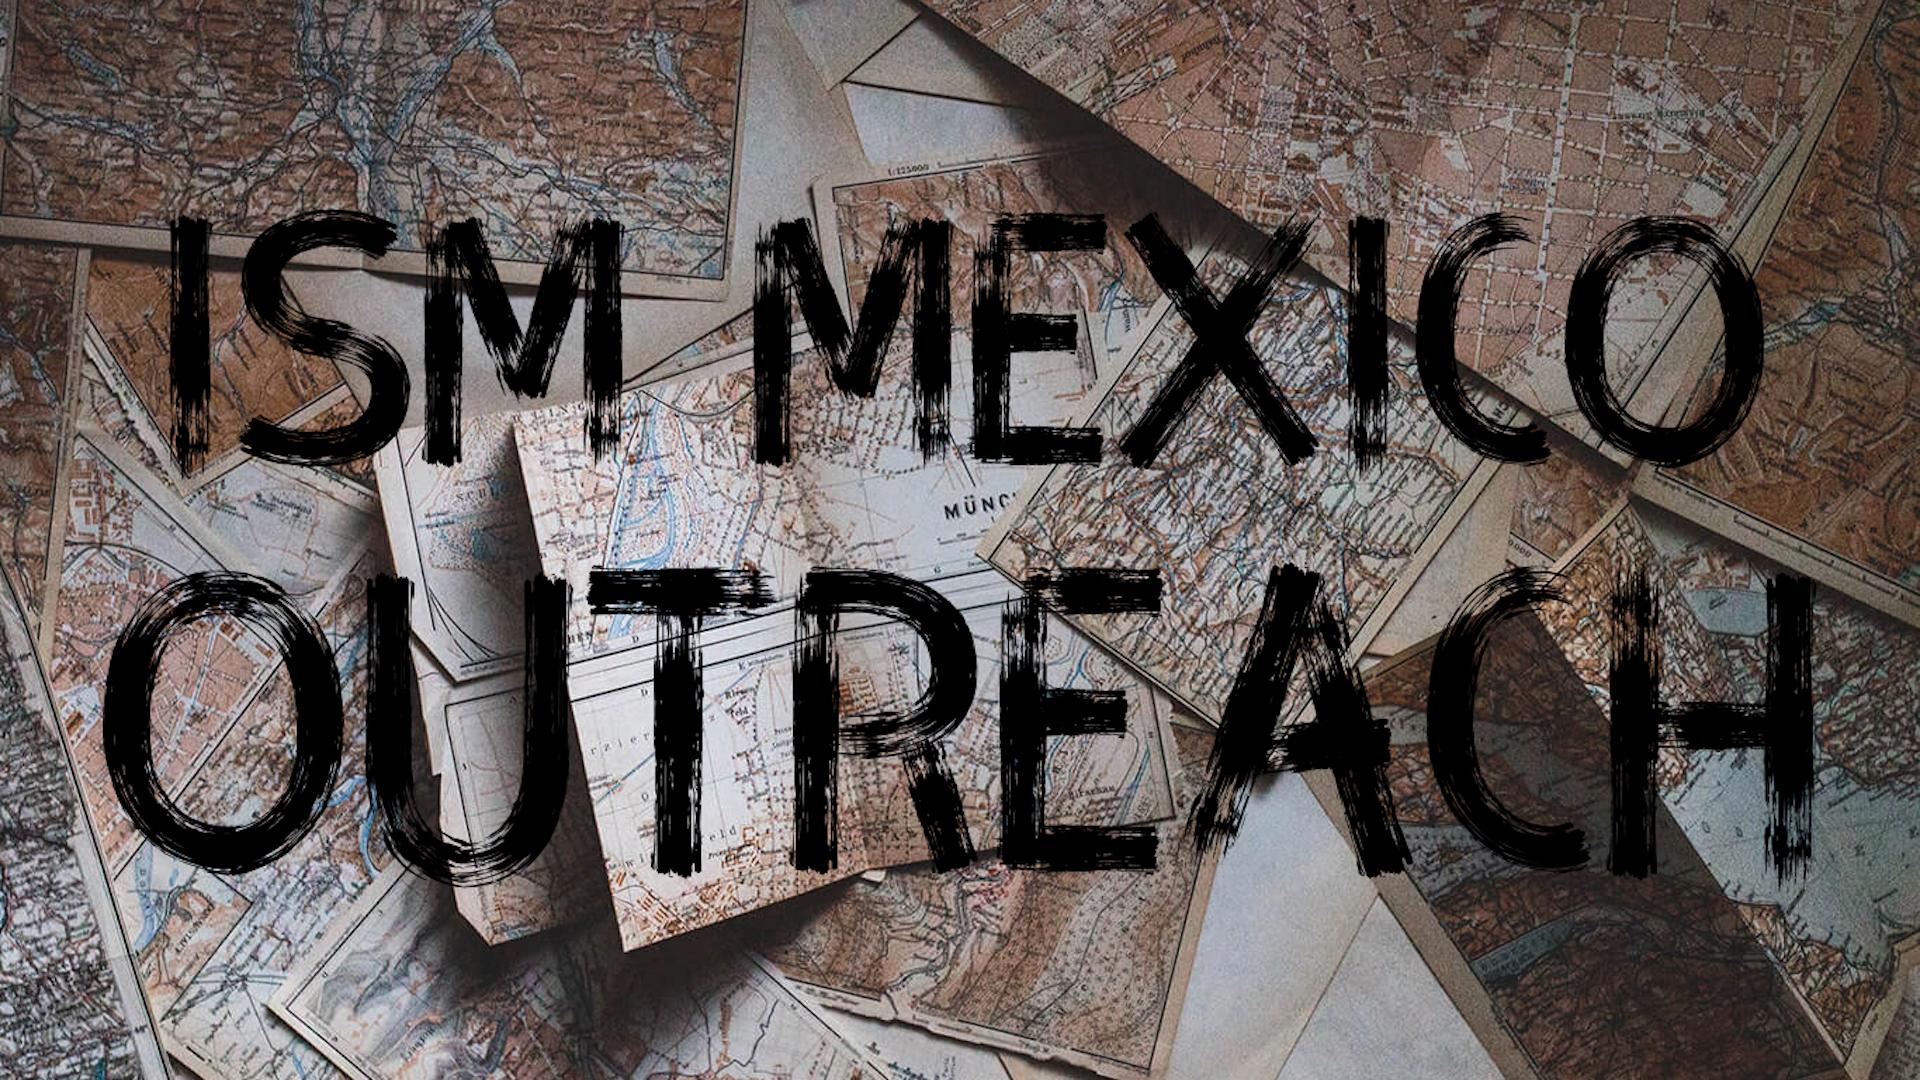 Promo - Ism Mexico Outreach 2018.jpg